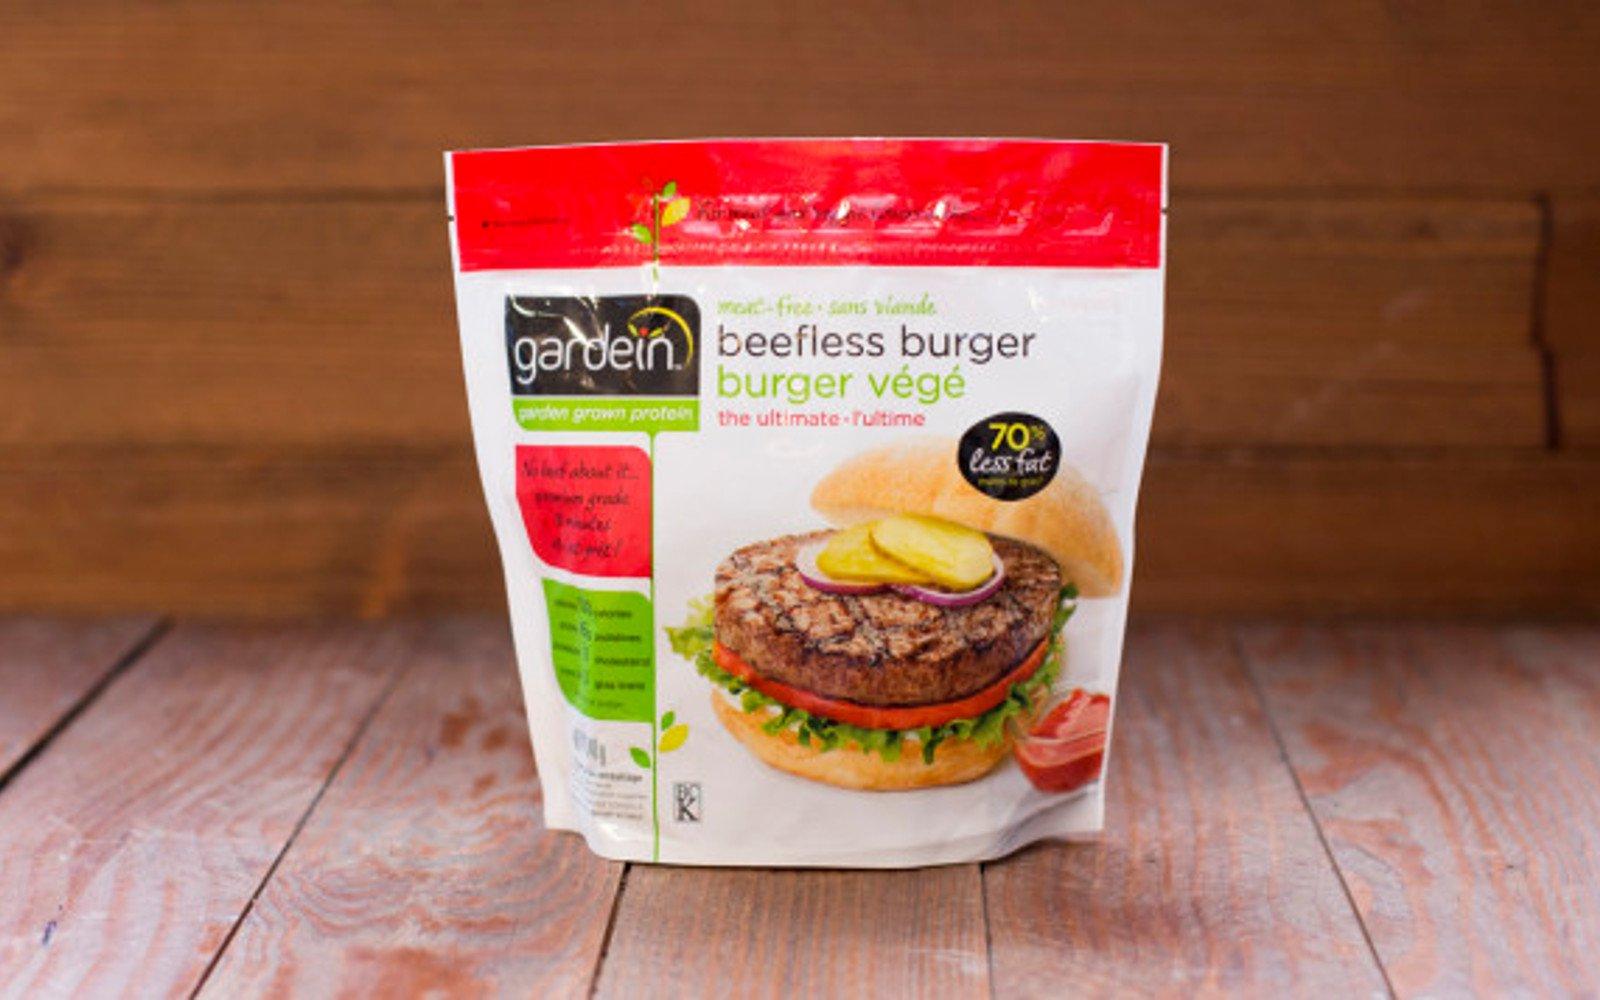 Gardein Burger